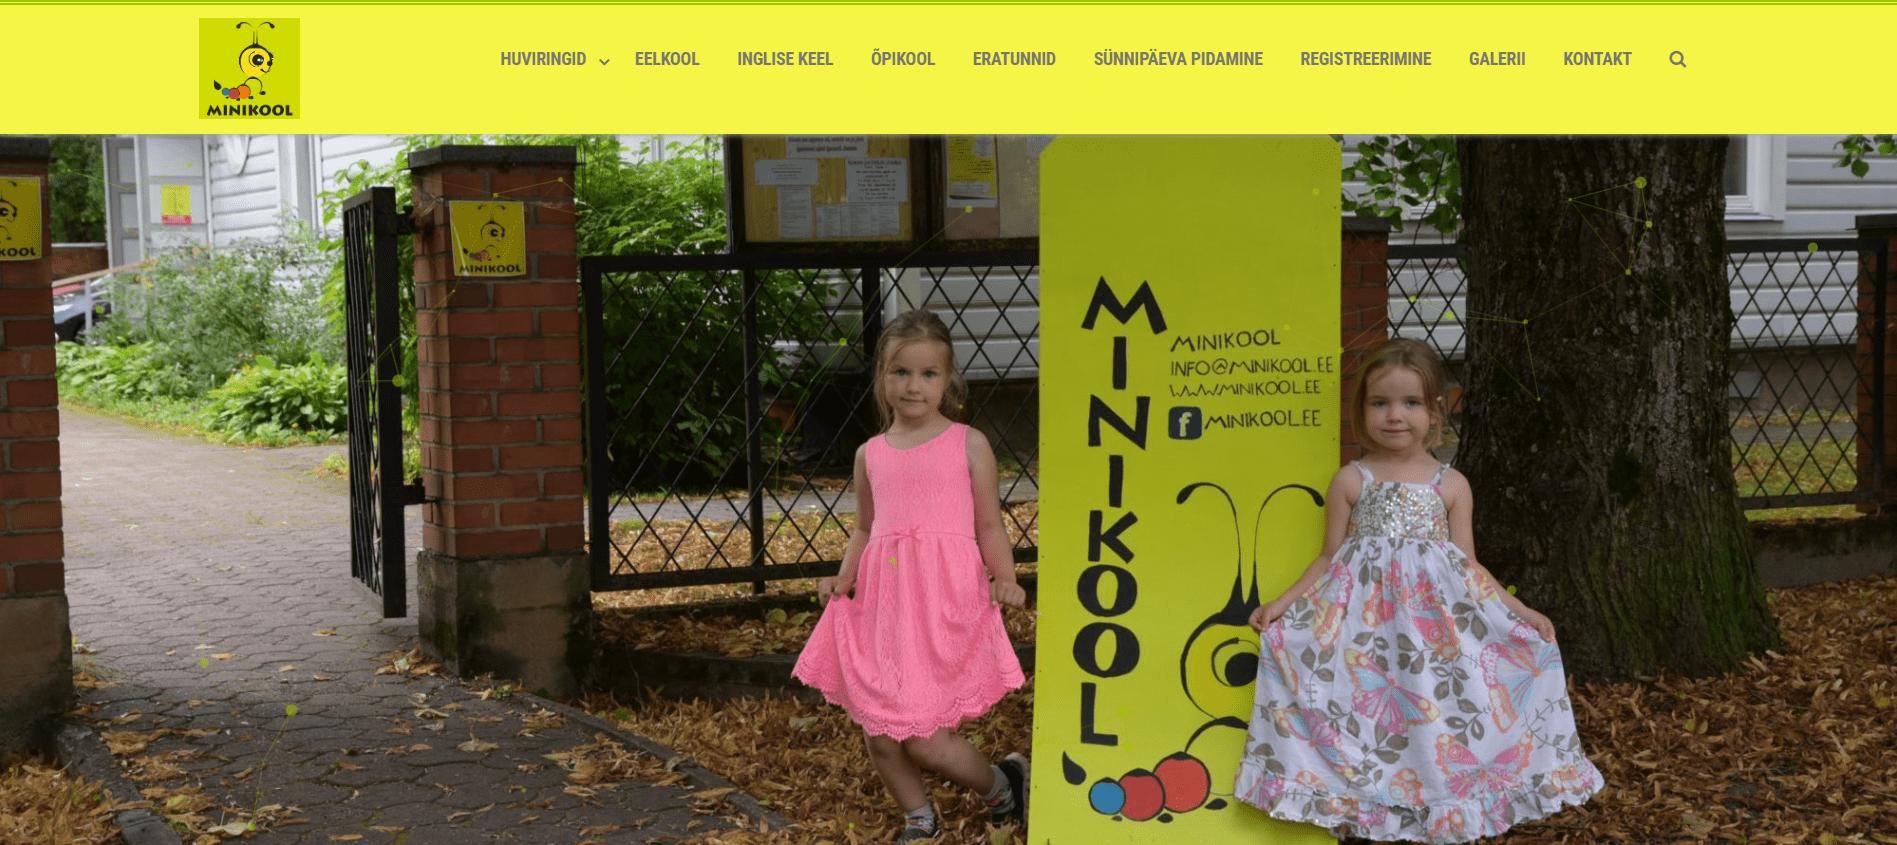 Minikool